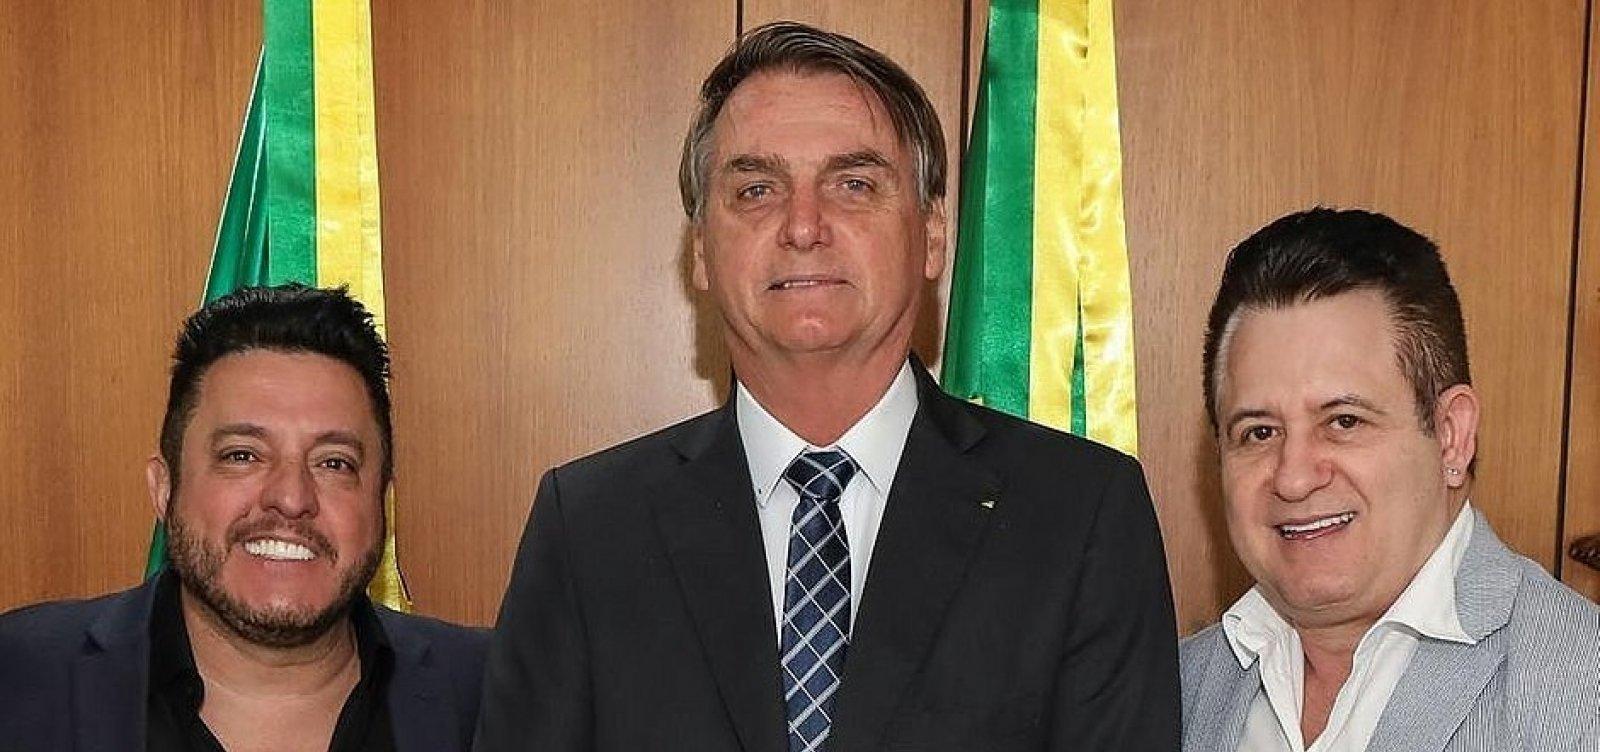 [Bruno e Marrone se tornam embaixadores do turismo brasileiro]